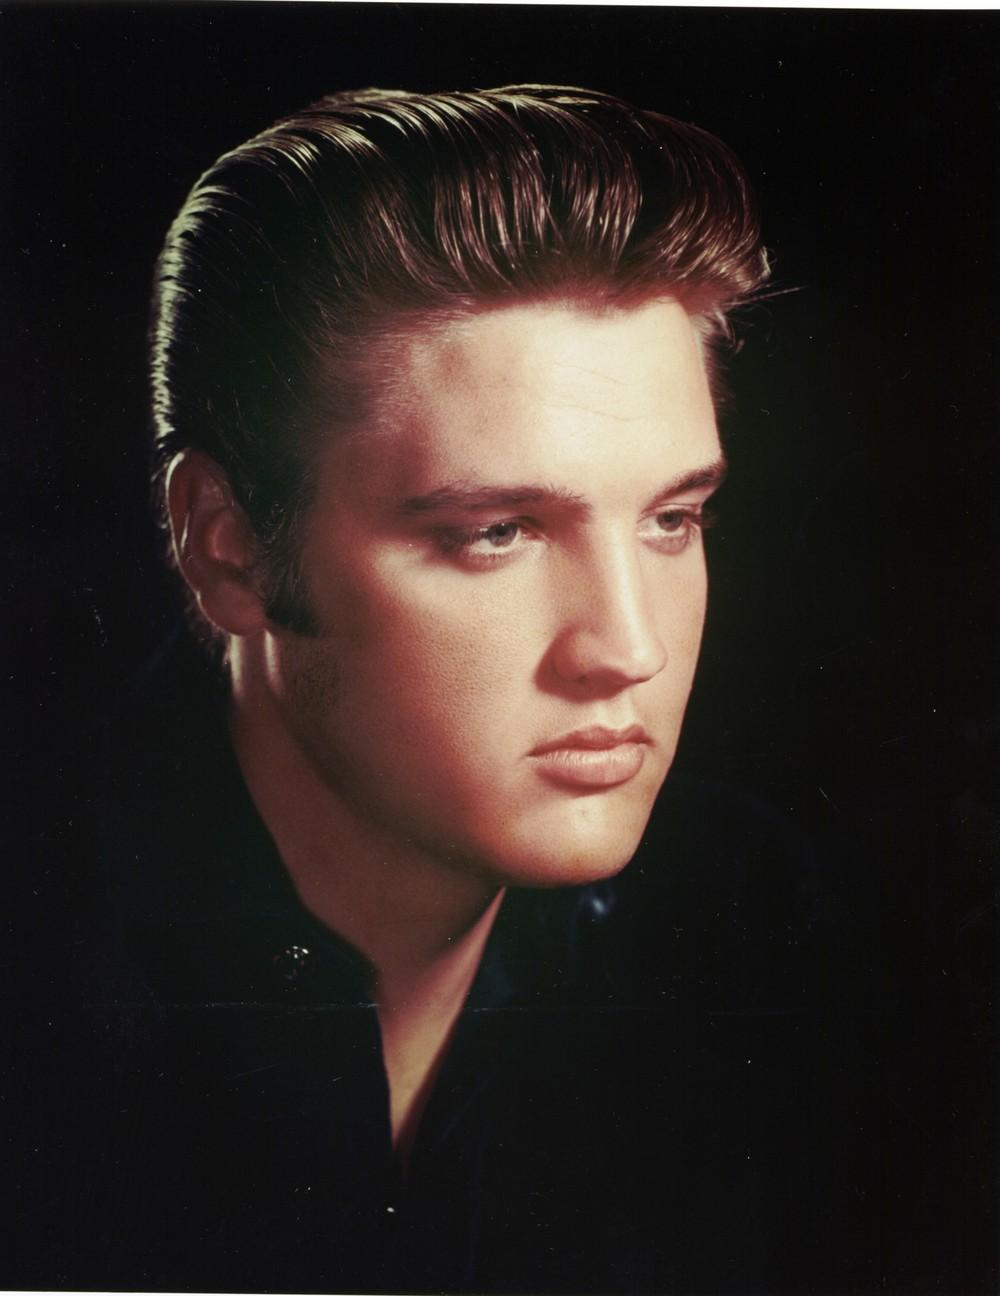 Elvis blonde pictures, aj alexander naked videos